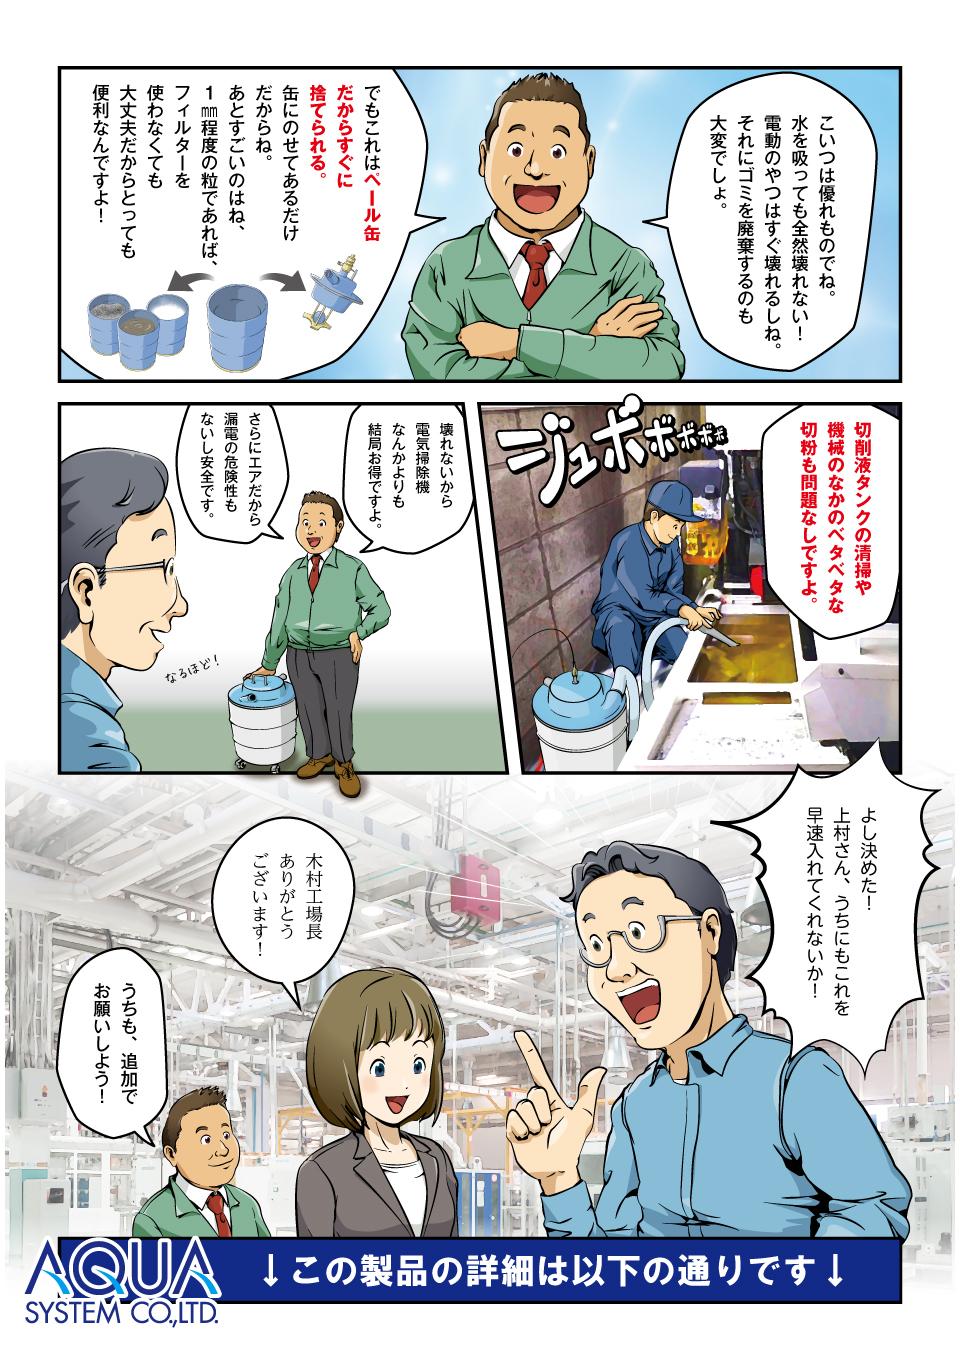 バキュームクリーナー漫画3ぺージ